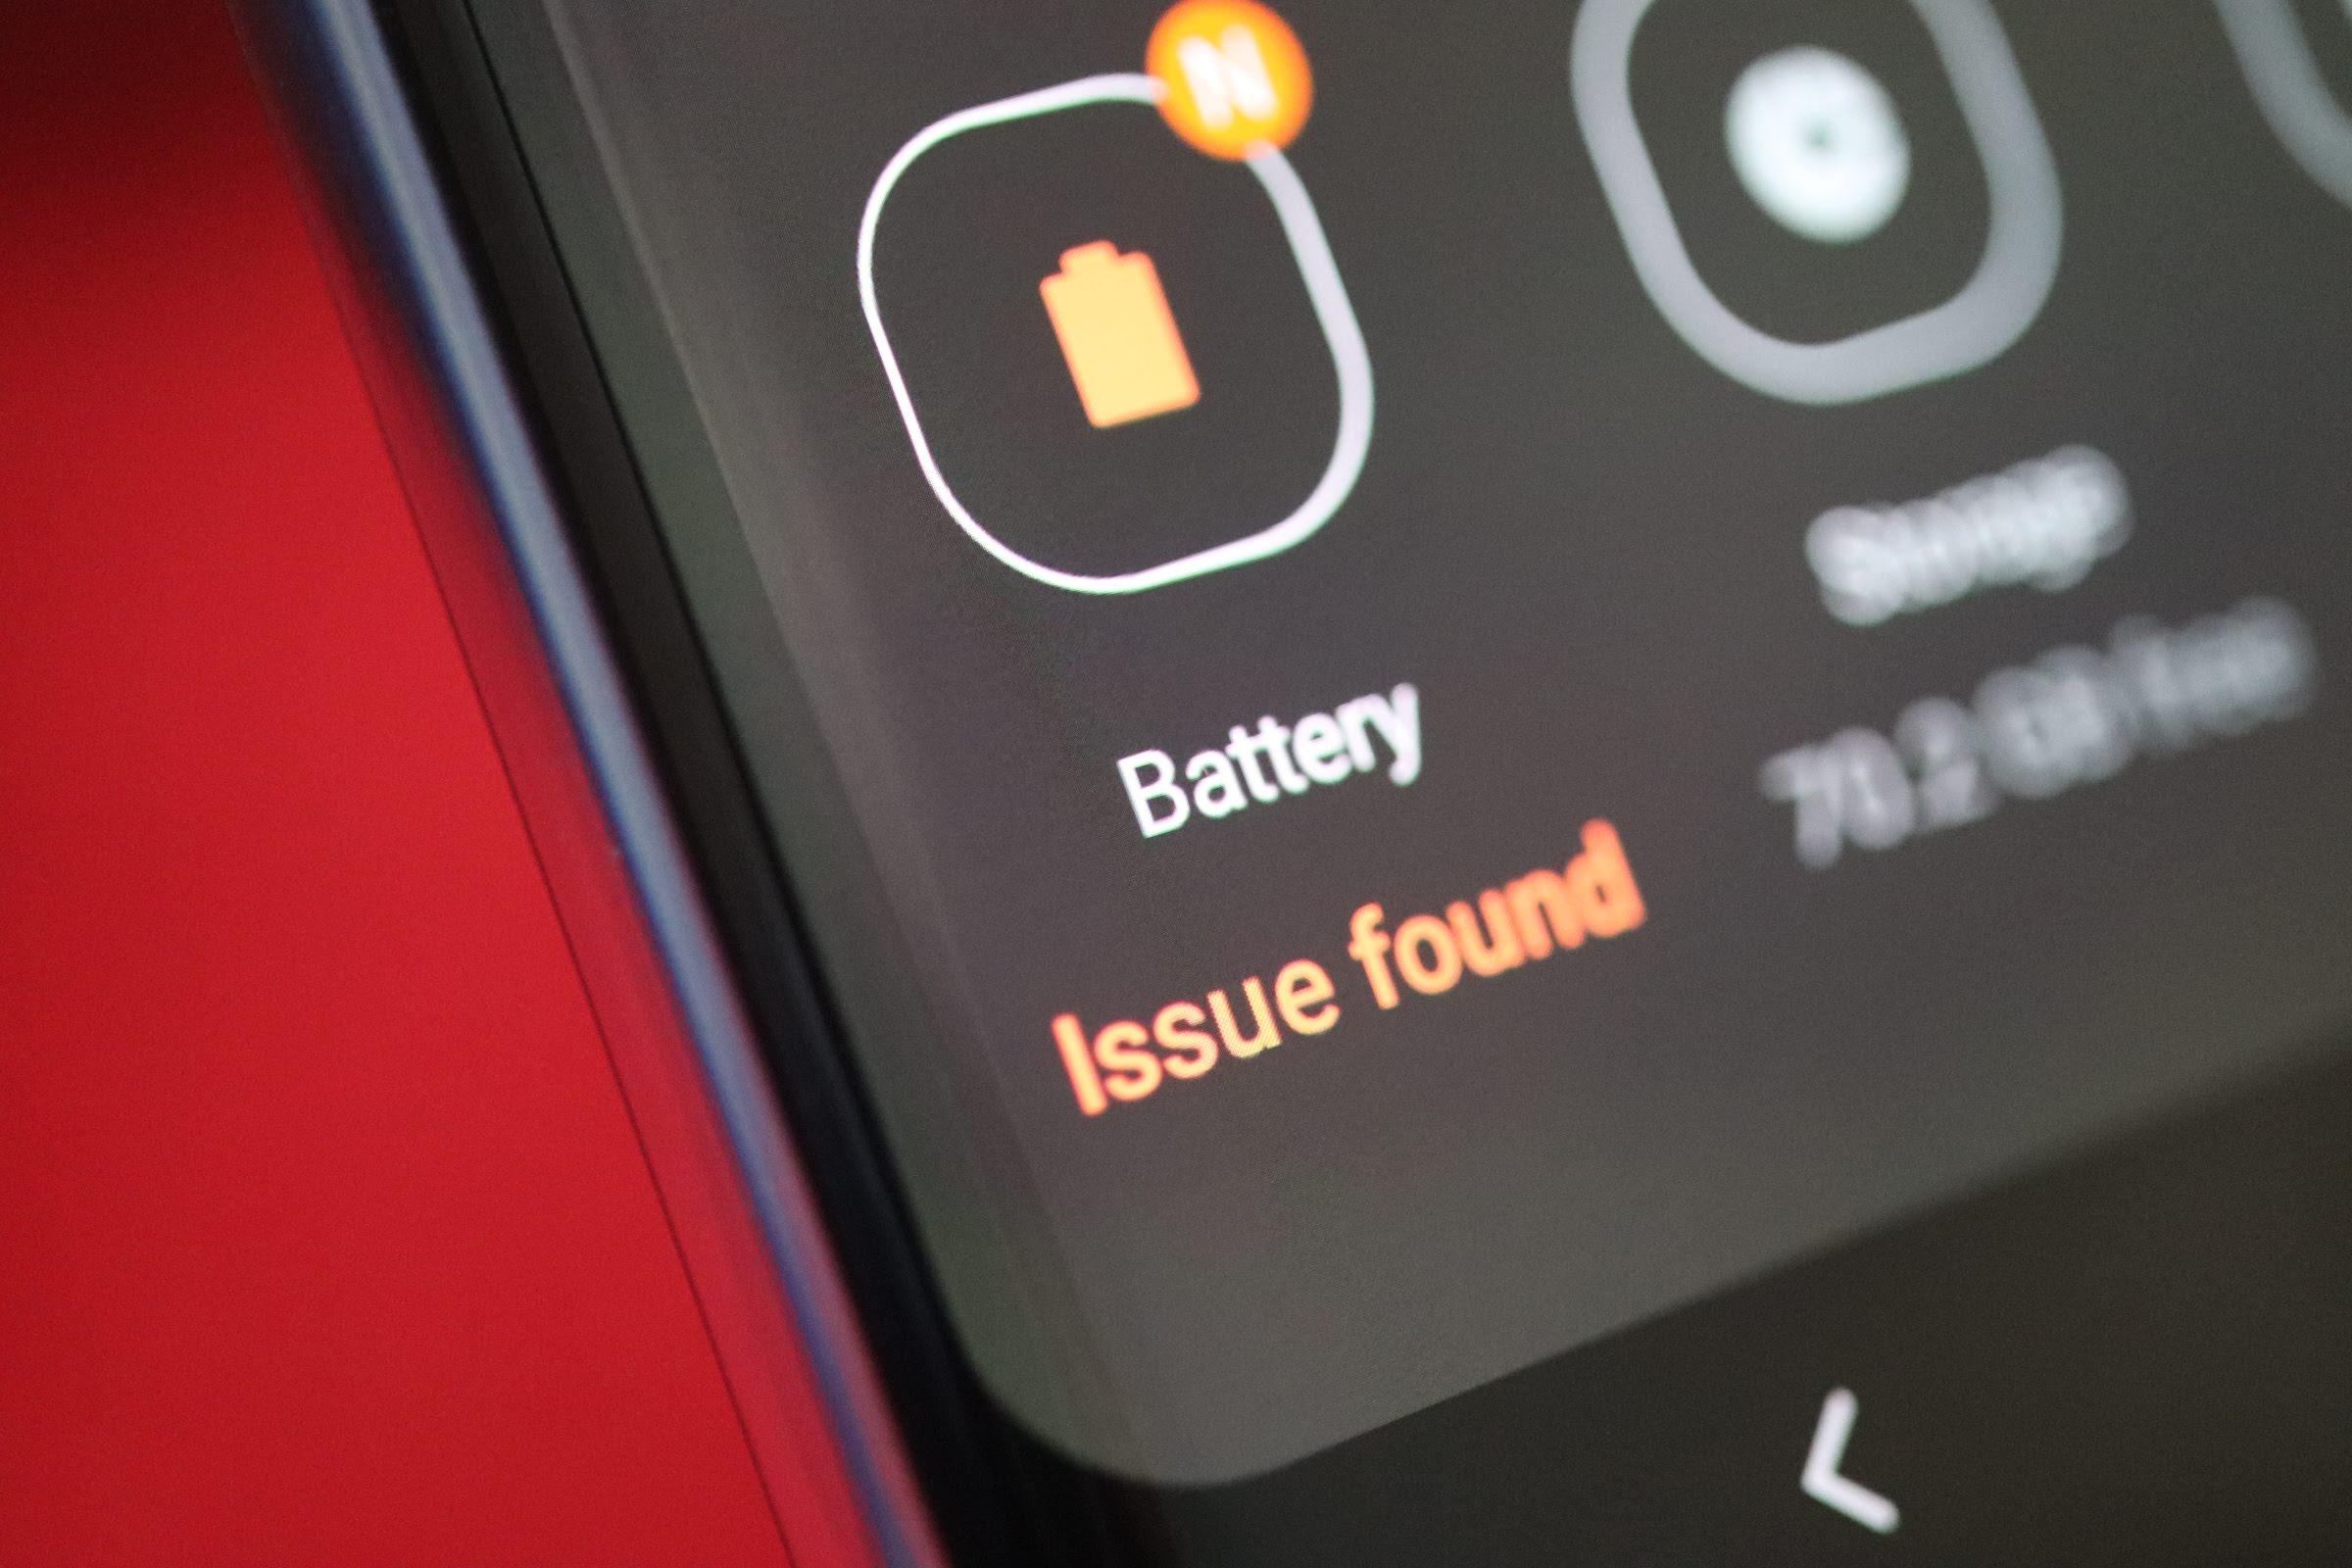 Solucione el problema de agotamiento de la batería en Galaxy S10, S10E y S10 Plus y mejore la duración de la batería